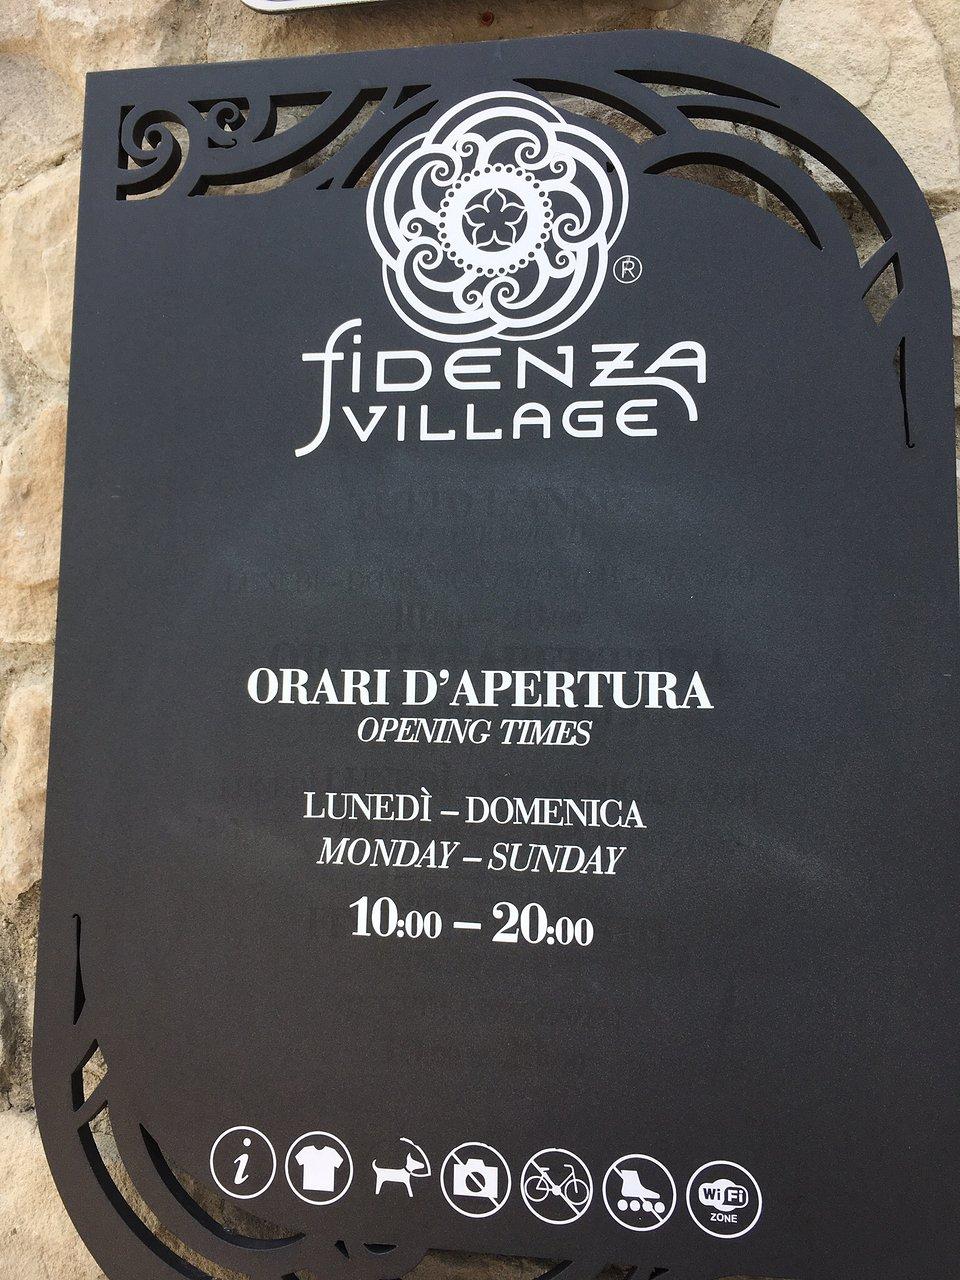 Fidenza Village: AGGIORNATO 2020 tutto quello che c'è da